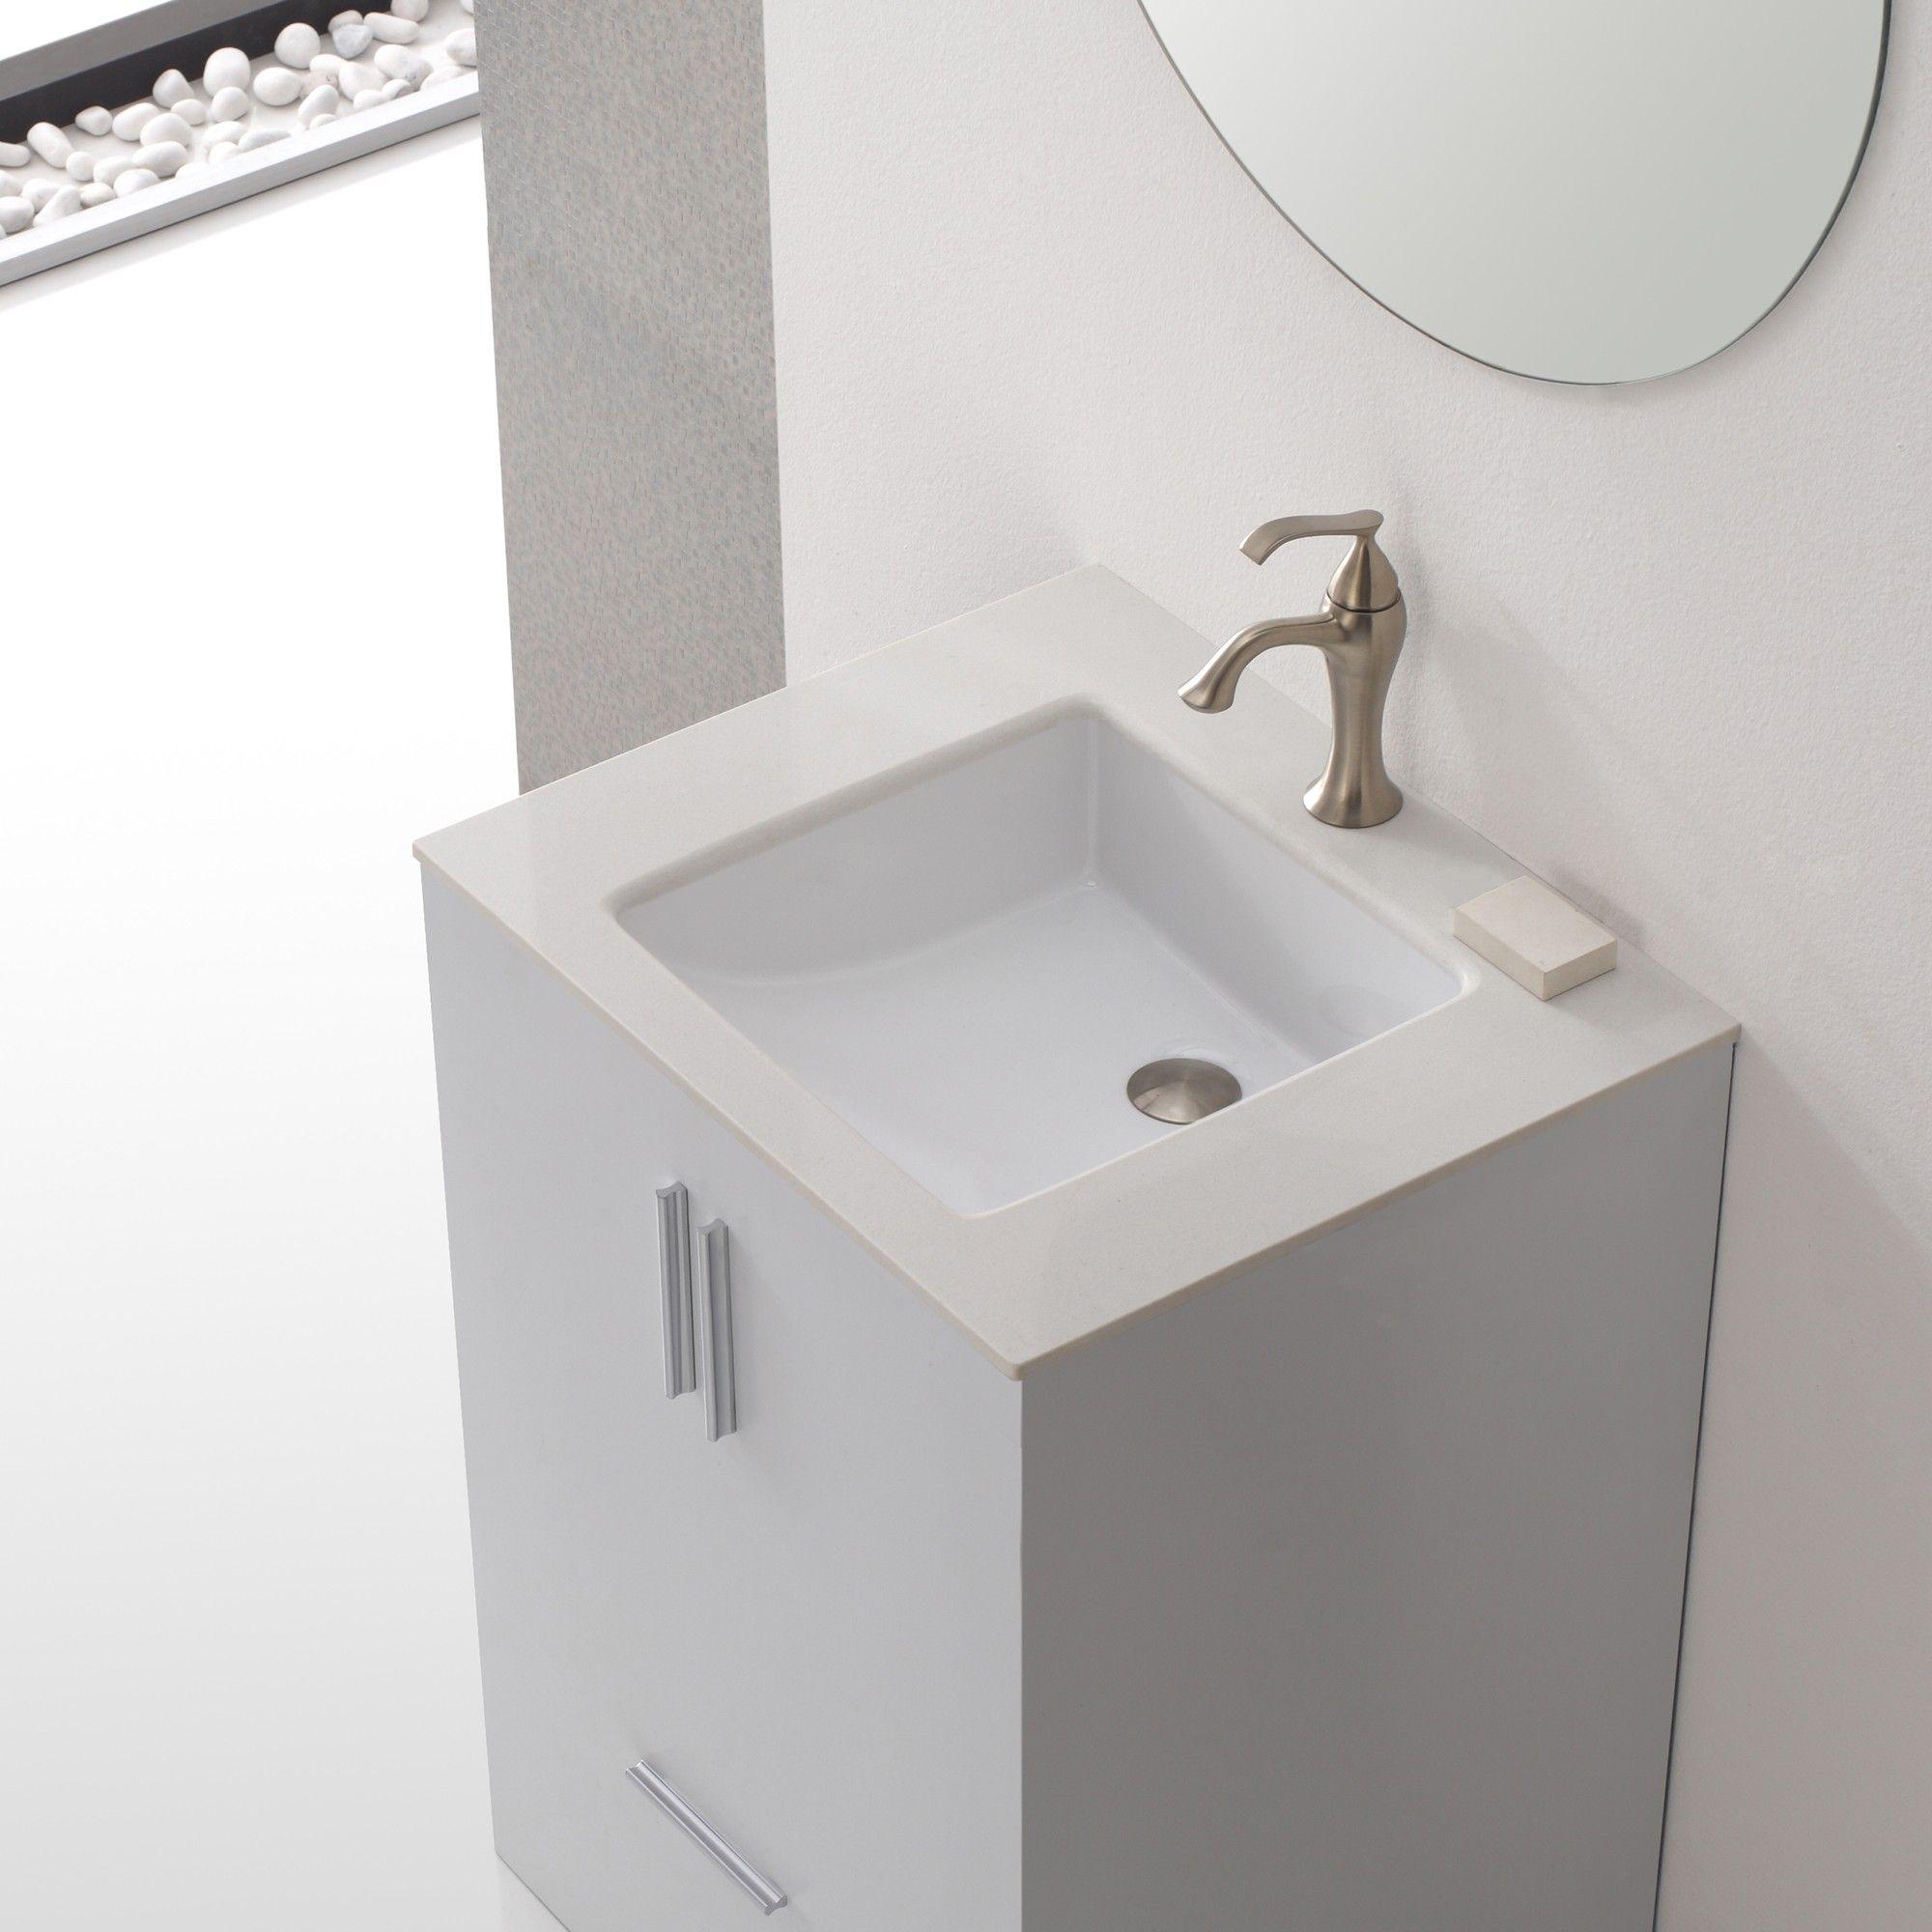 Quadratische Unterbau Waschbecken Waschbecken Unterbau